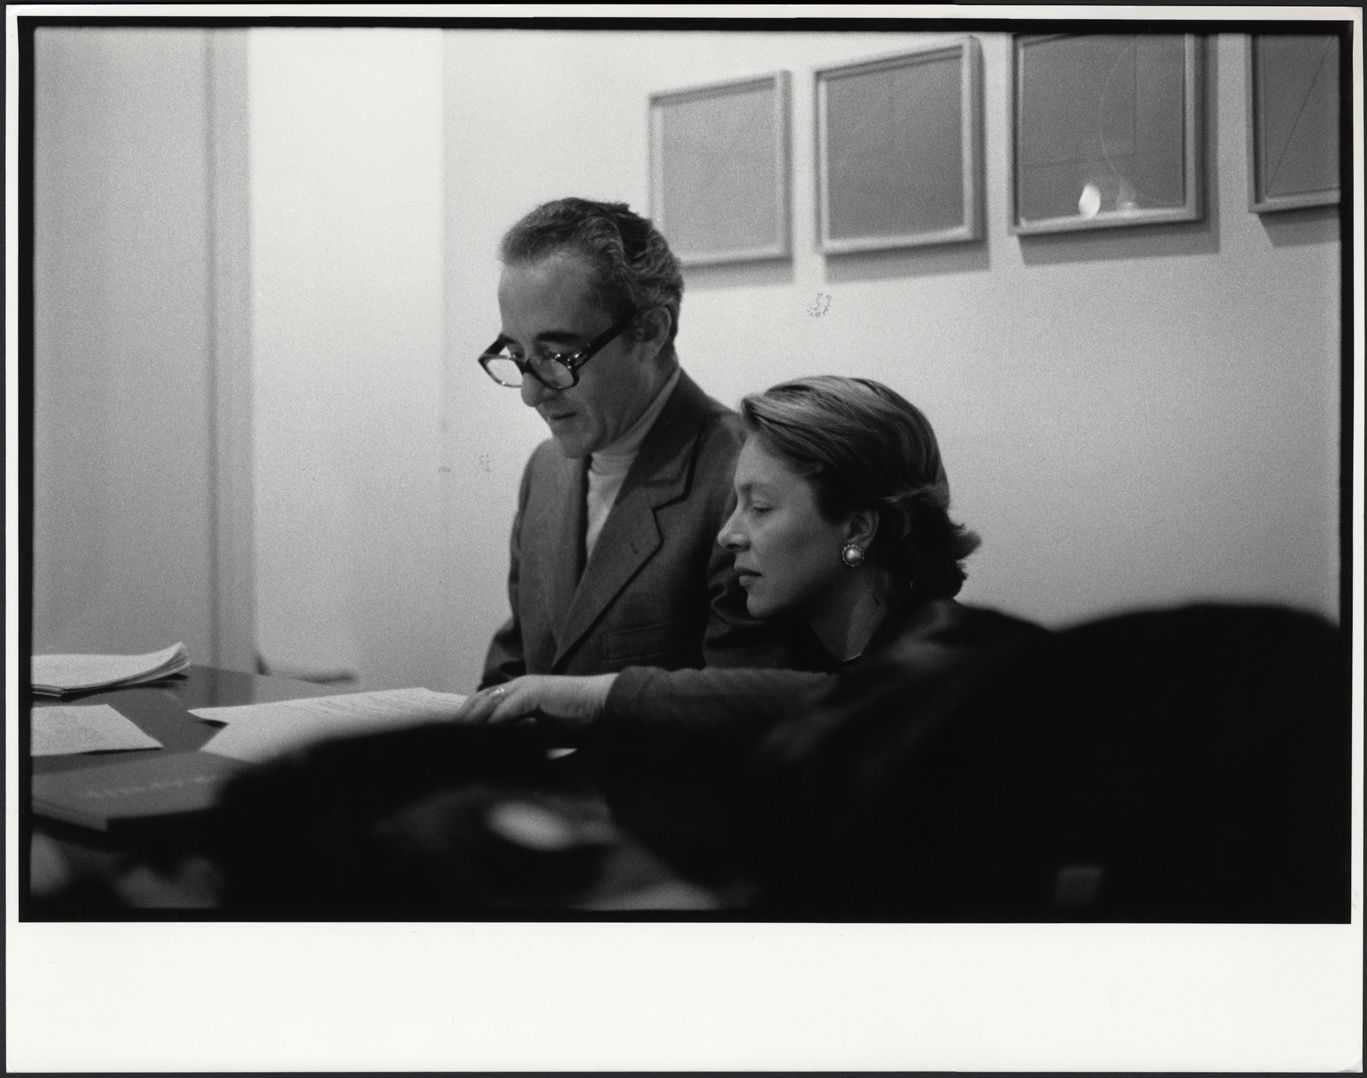 Giuseppe et Giovanna Panza à la Leo Castelli Gallery de New York, 1975. Photo crédit Filippo Formenti, Milano